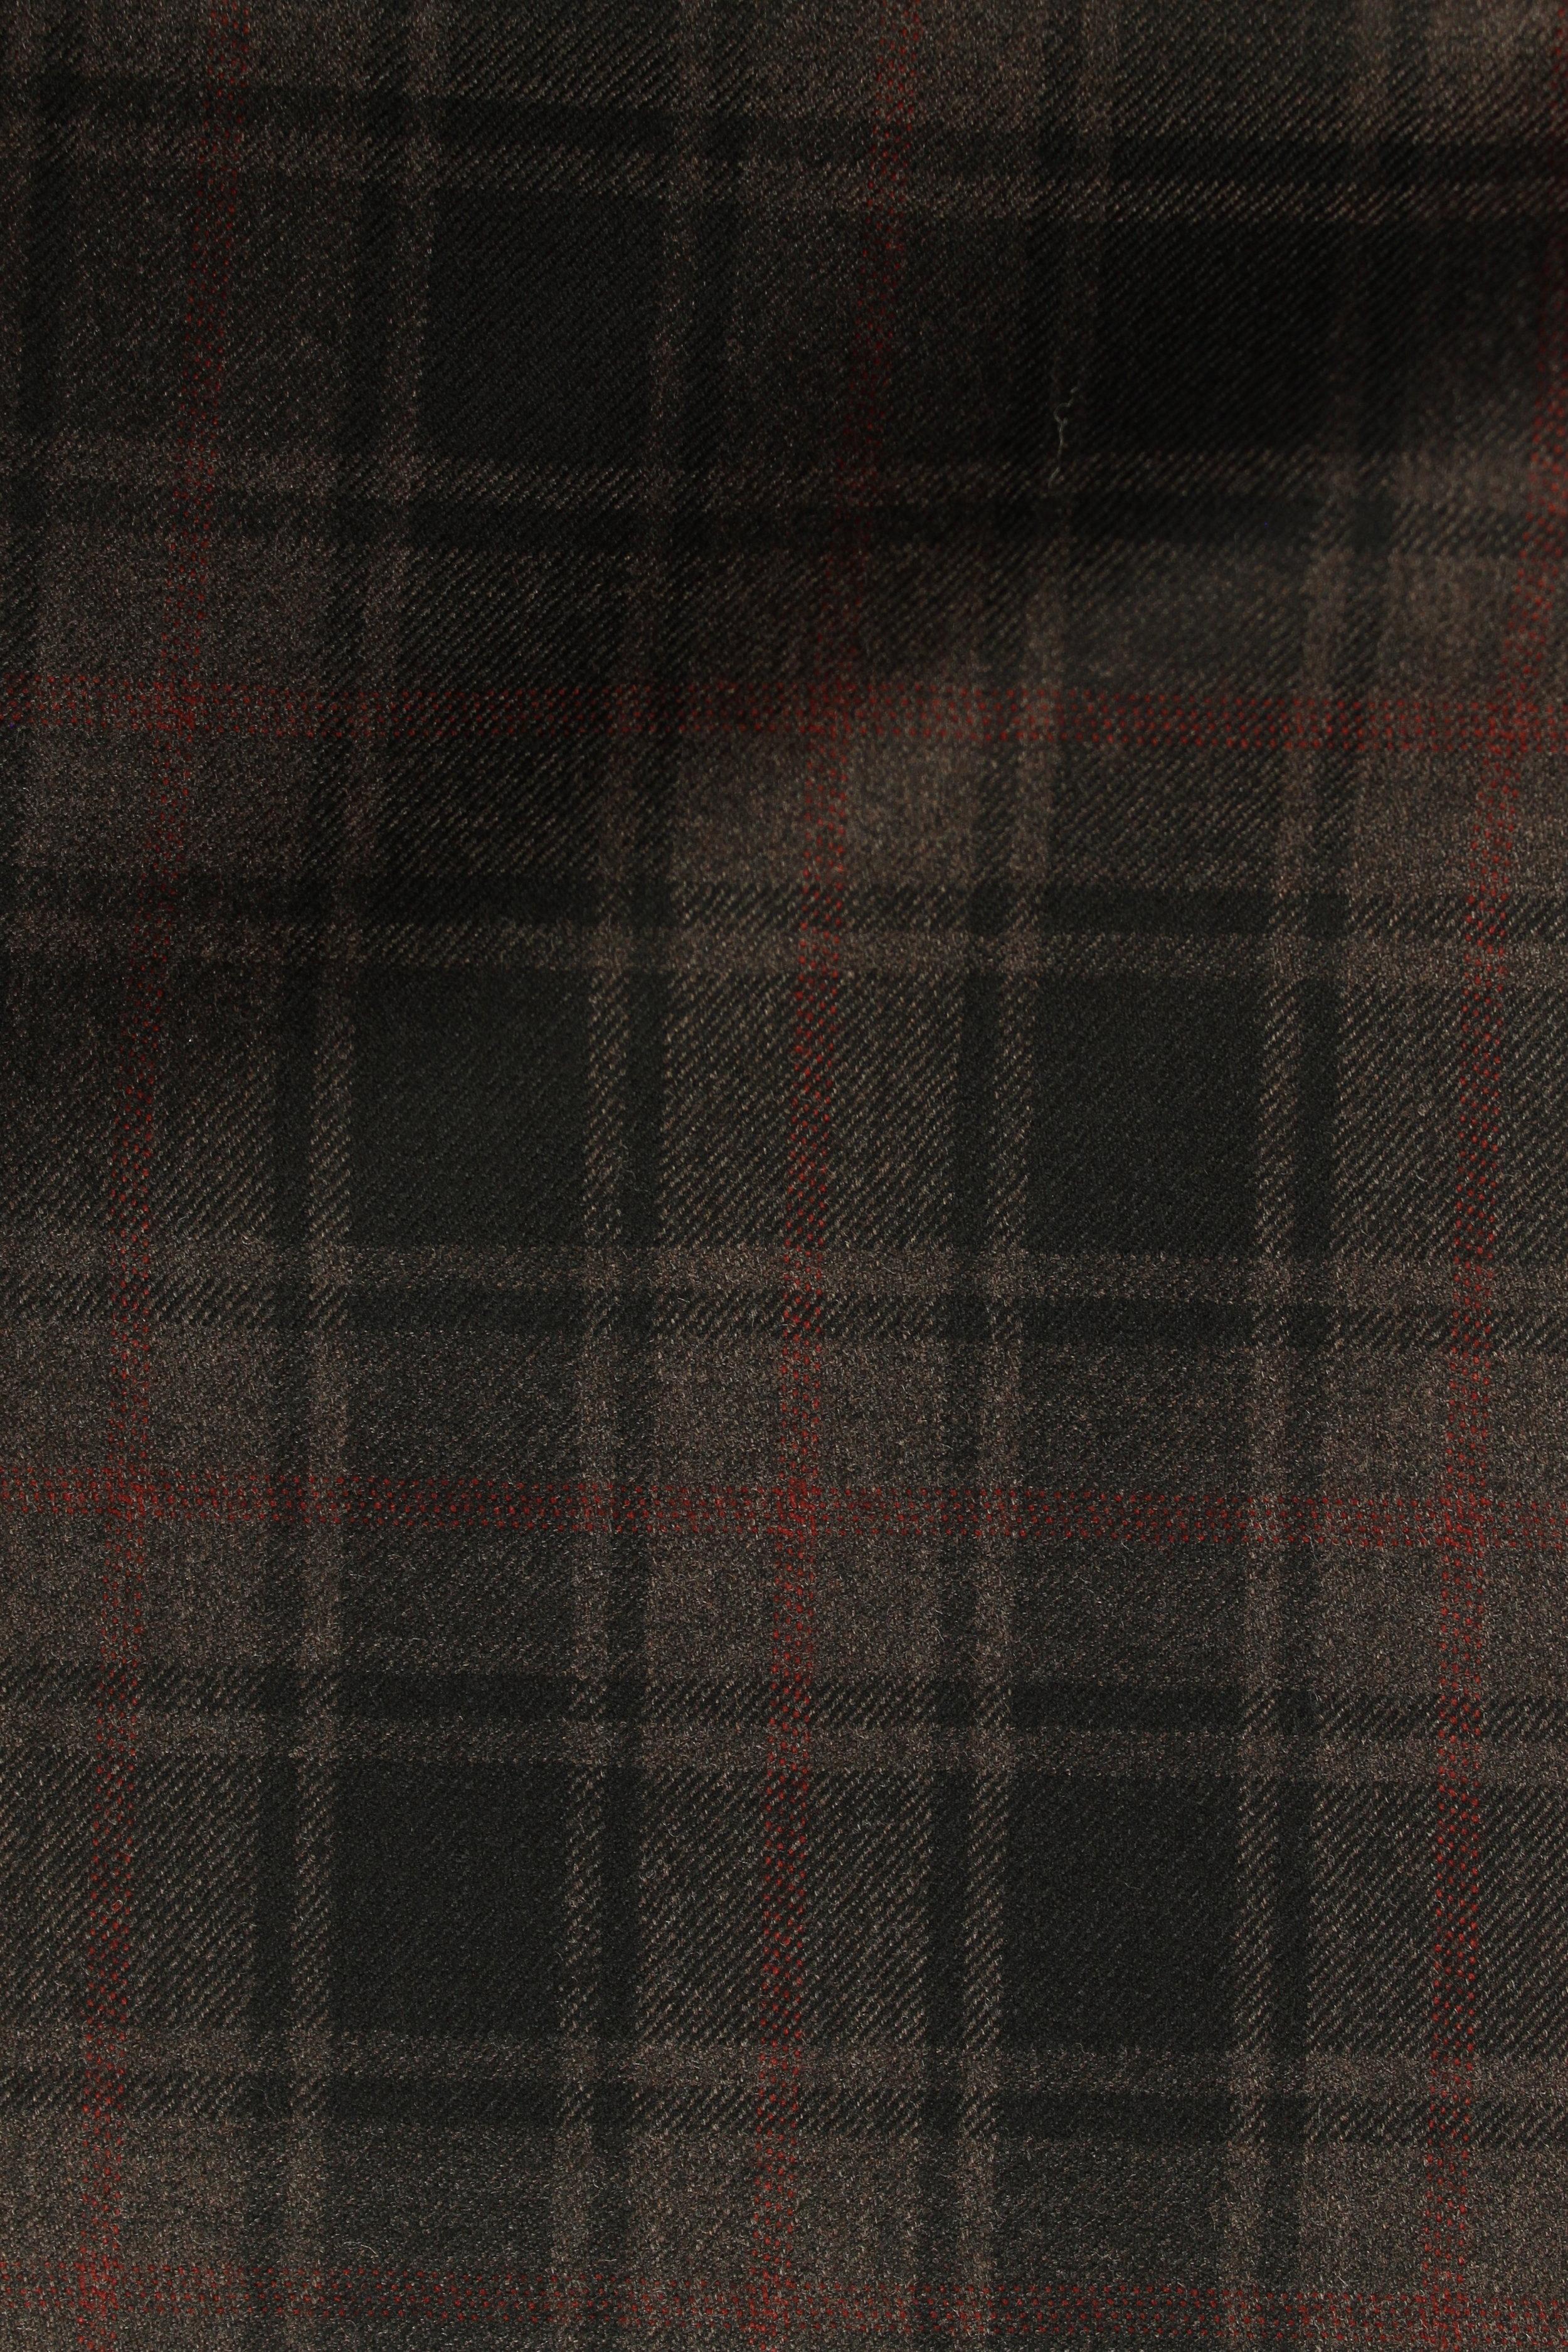 7237 Brown Tartan Tweed 300g.JPG